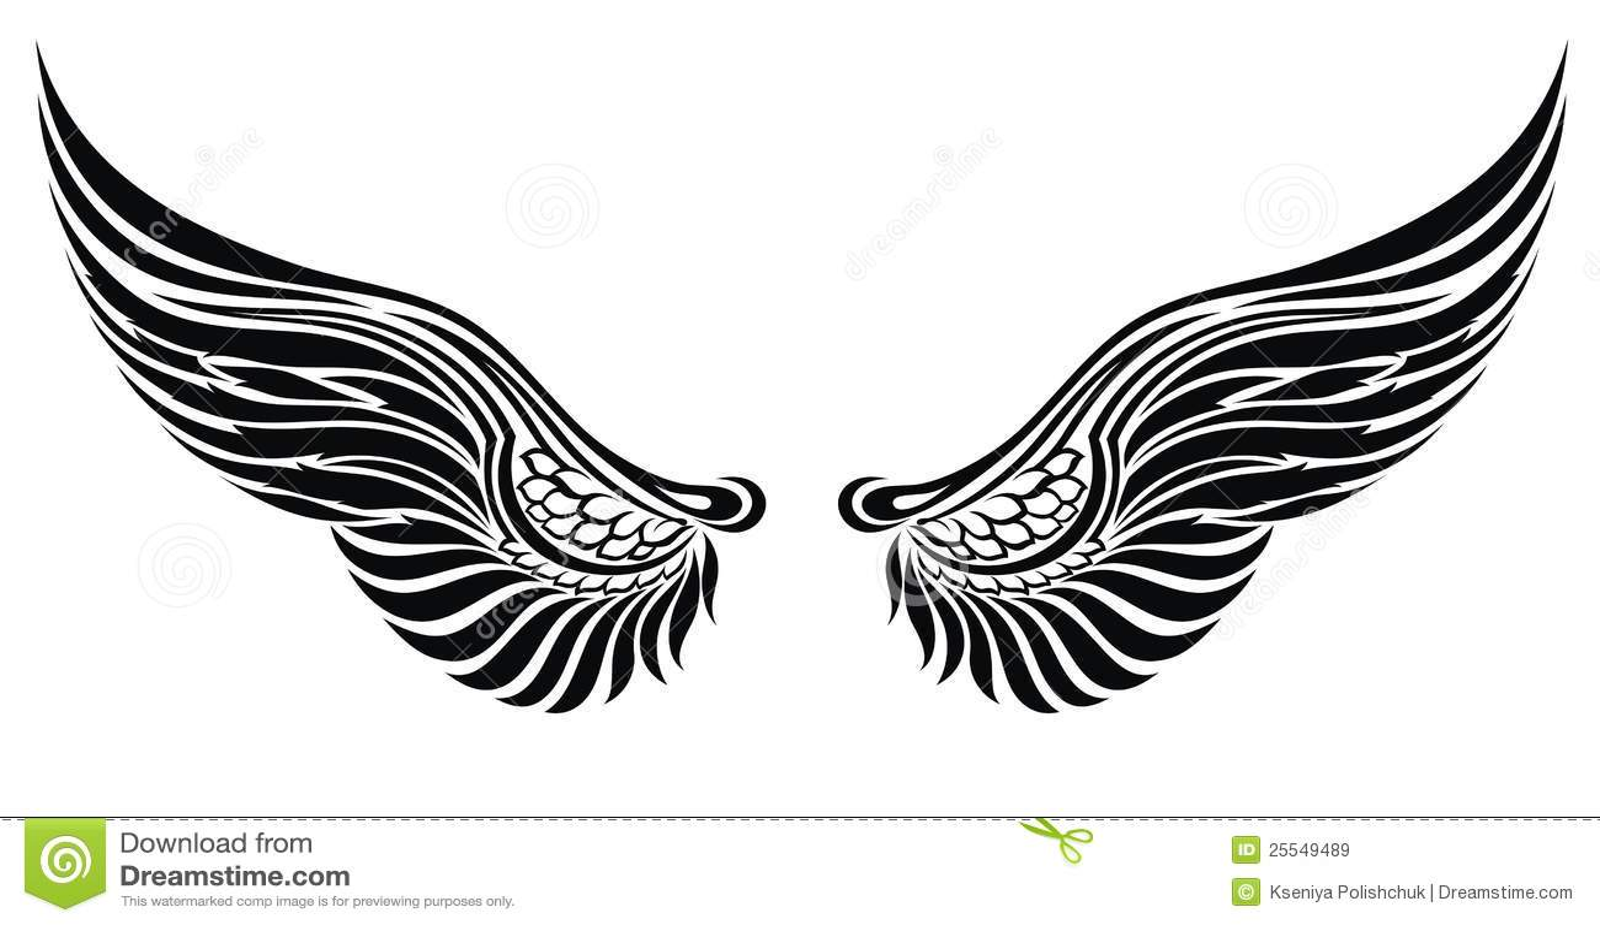 ailes d'ange d'isolement sur le blanc. conception de tatouage